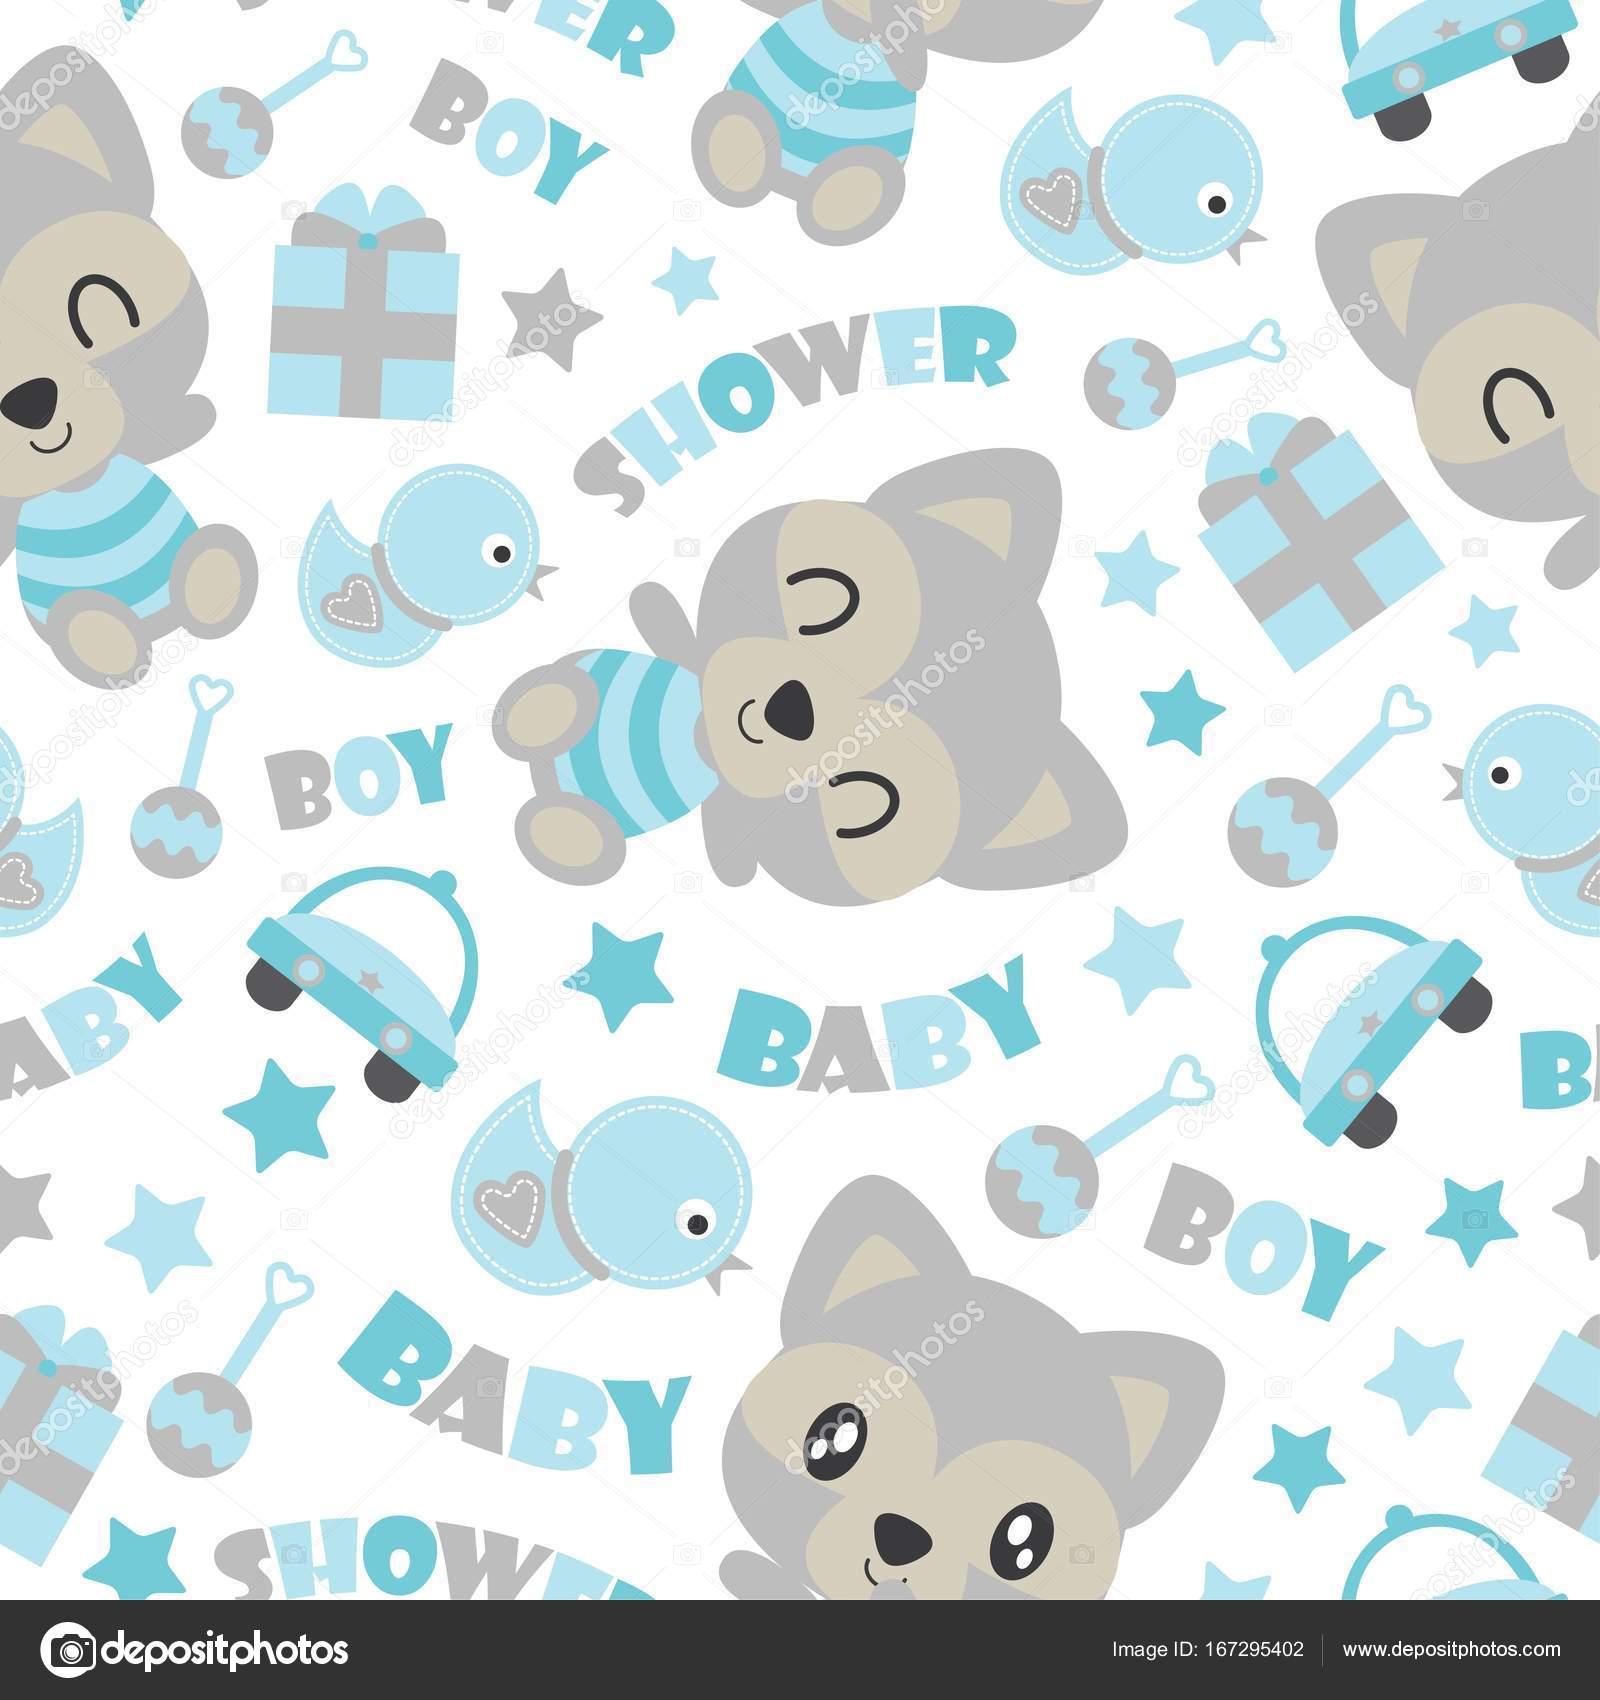 Dibujos: ropa de bebe para baby shower | Patrón sin fisuras de lindo ...